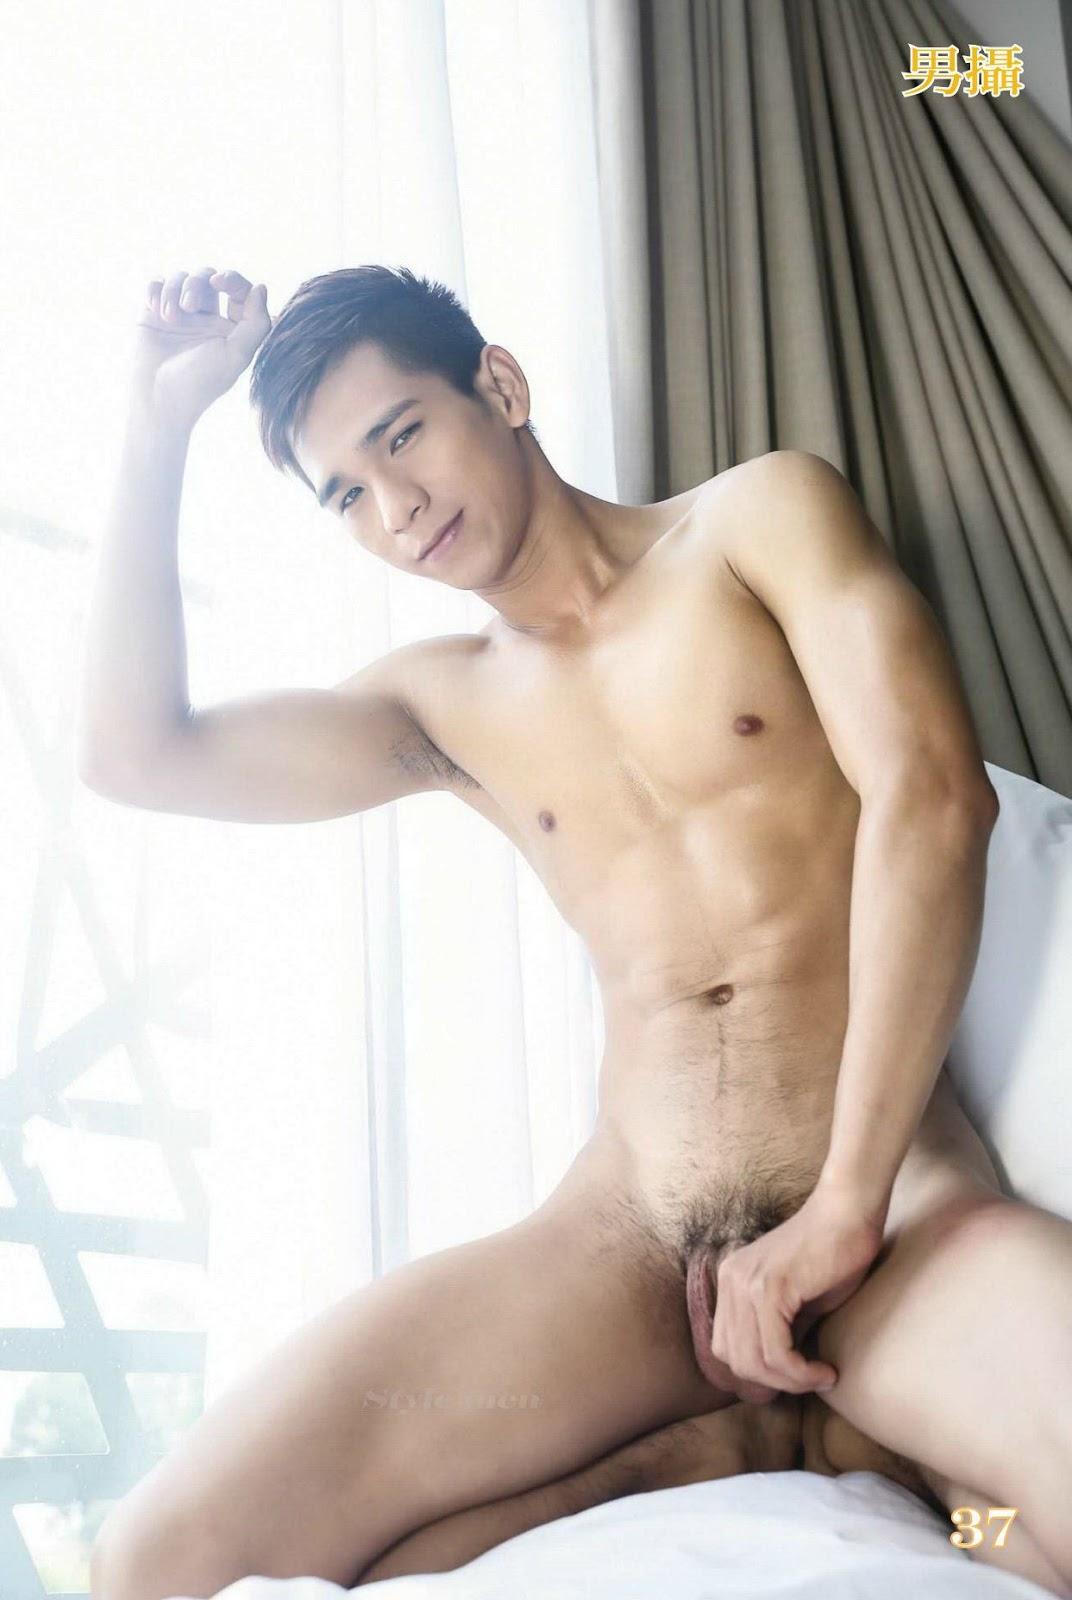 sex forum sex magazine homo